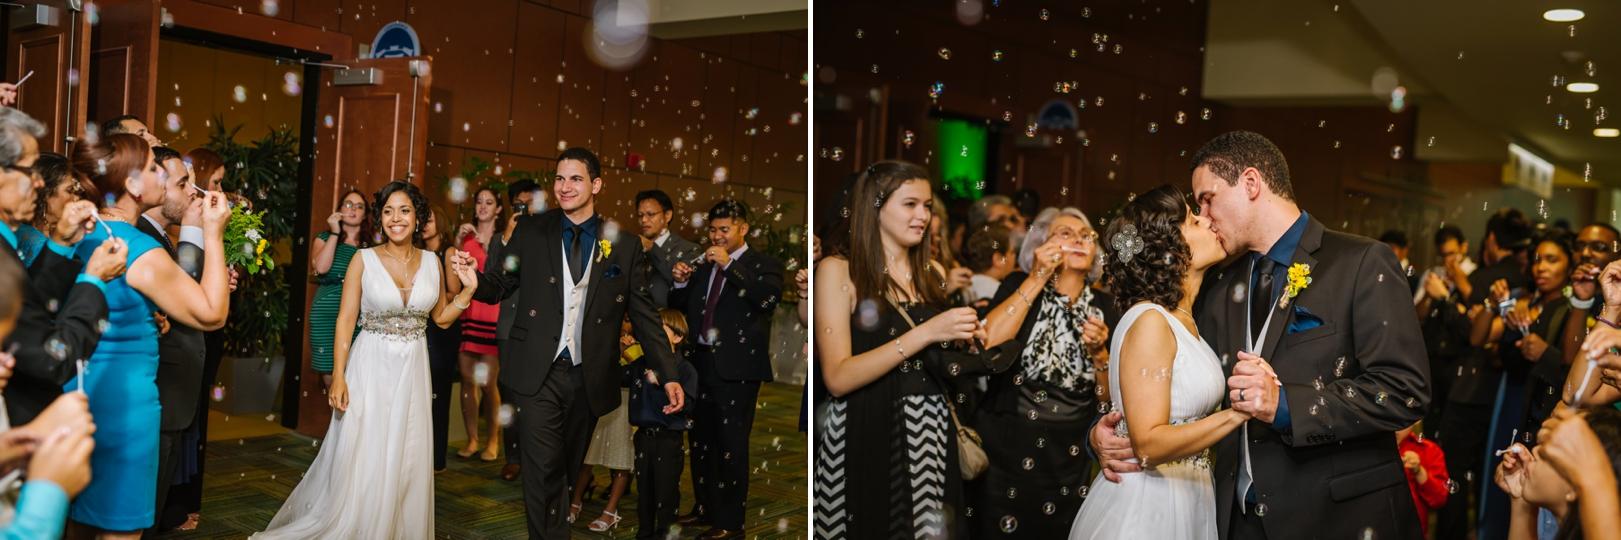 tampa-wedding-photographer-ashlee-hamon-usf_0020.jpg